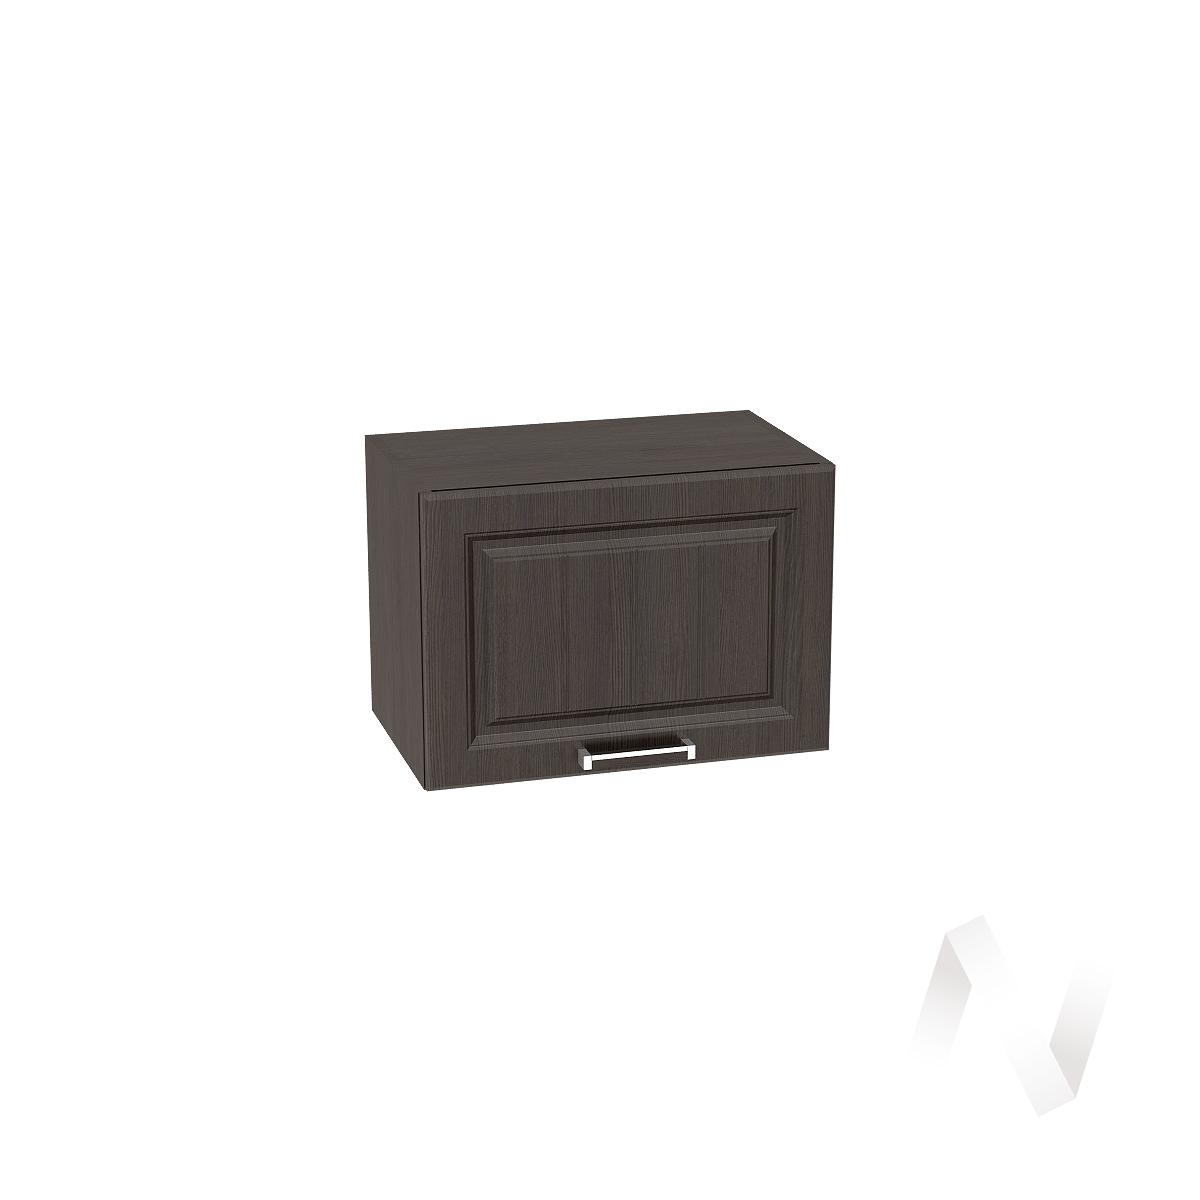 """Кухня """"Прага"""": Шкаф верхний горизонтальный 500, ШВГ 500 (венге/корпус венге)"""